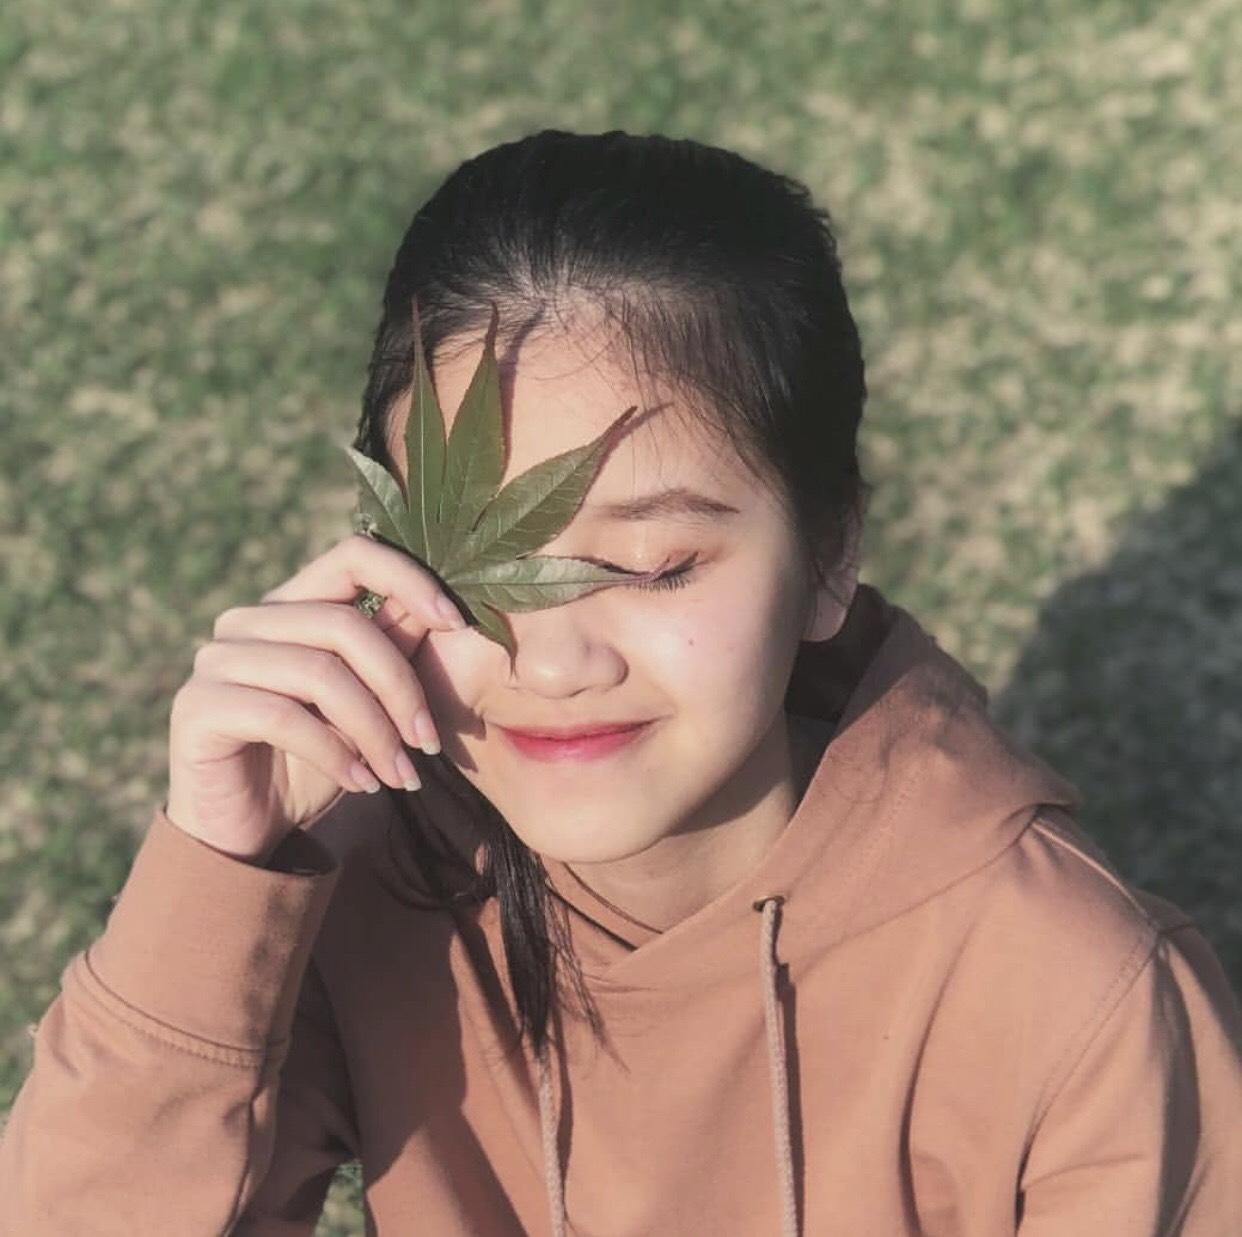 Ly Nguyễn: Cô gái SN 1999 từ Hàn Quốc tin dùng Vietlife Skincare nano để trị mụn, sẹo, thâm cho làn da khô của mình 3